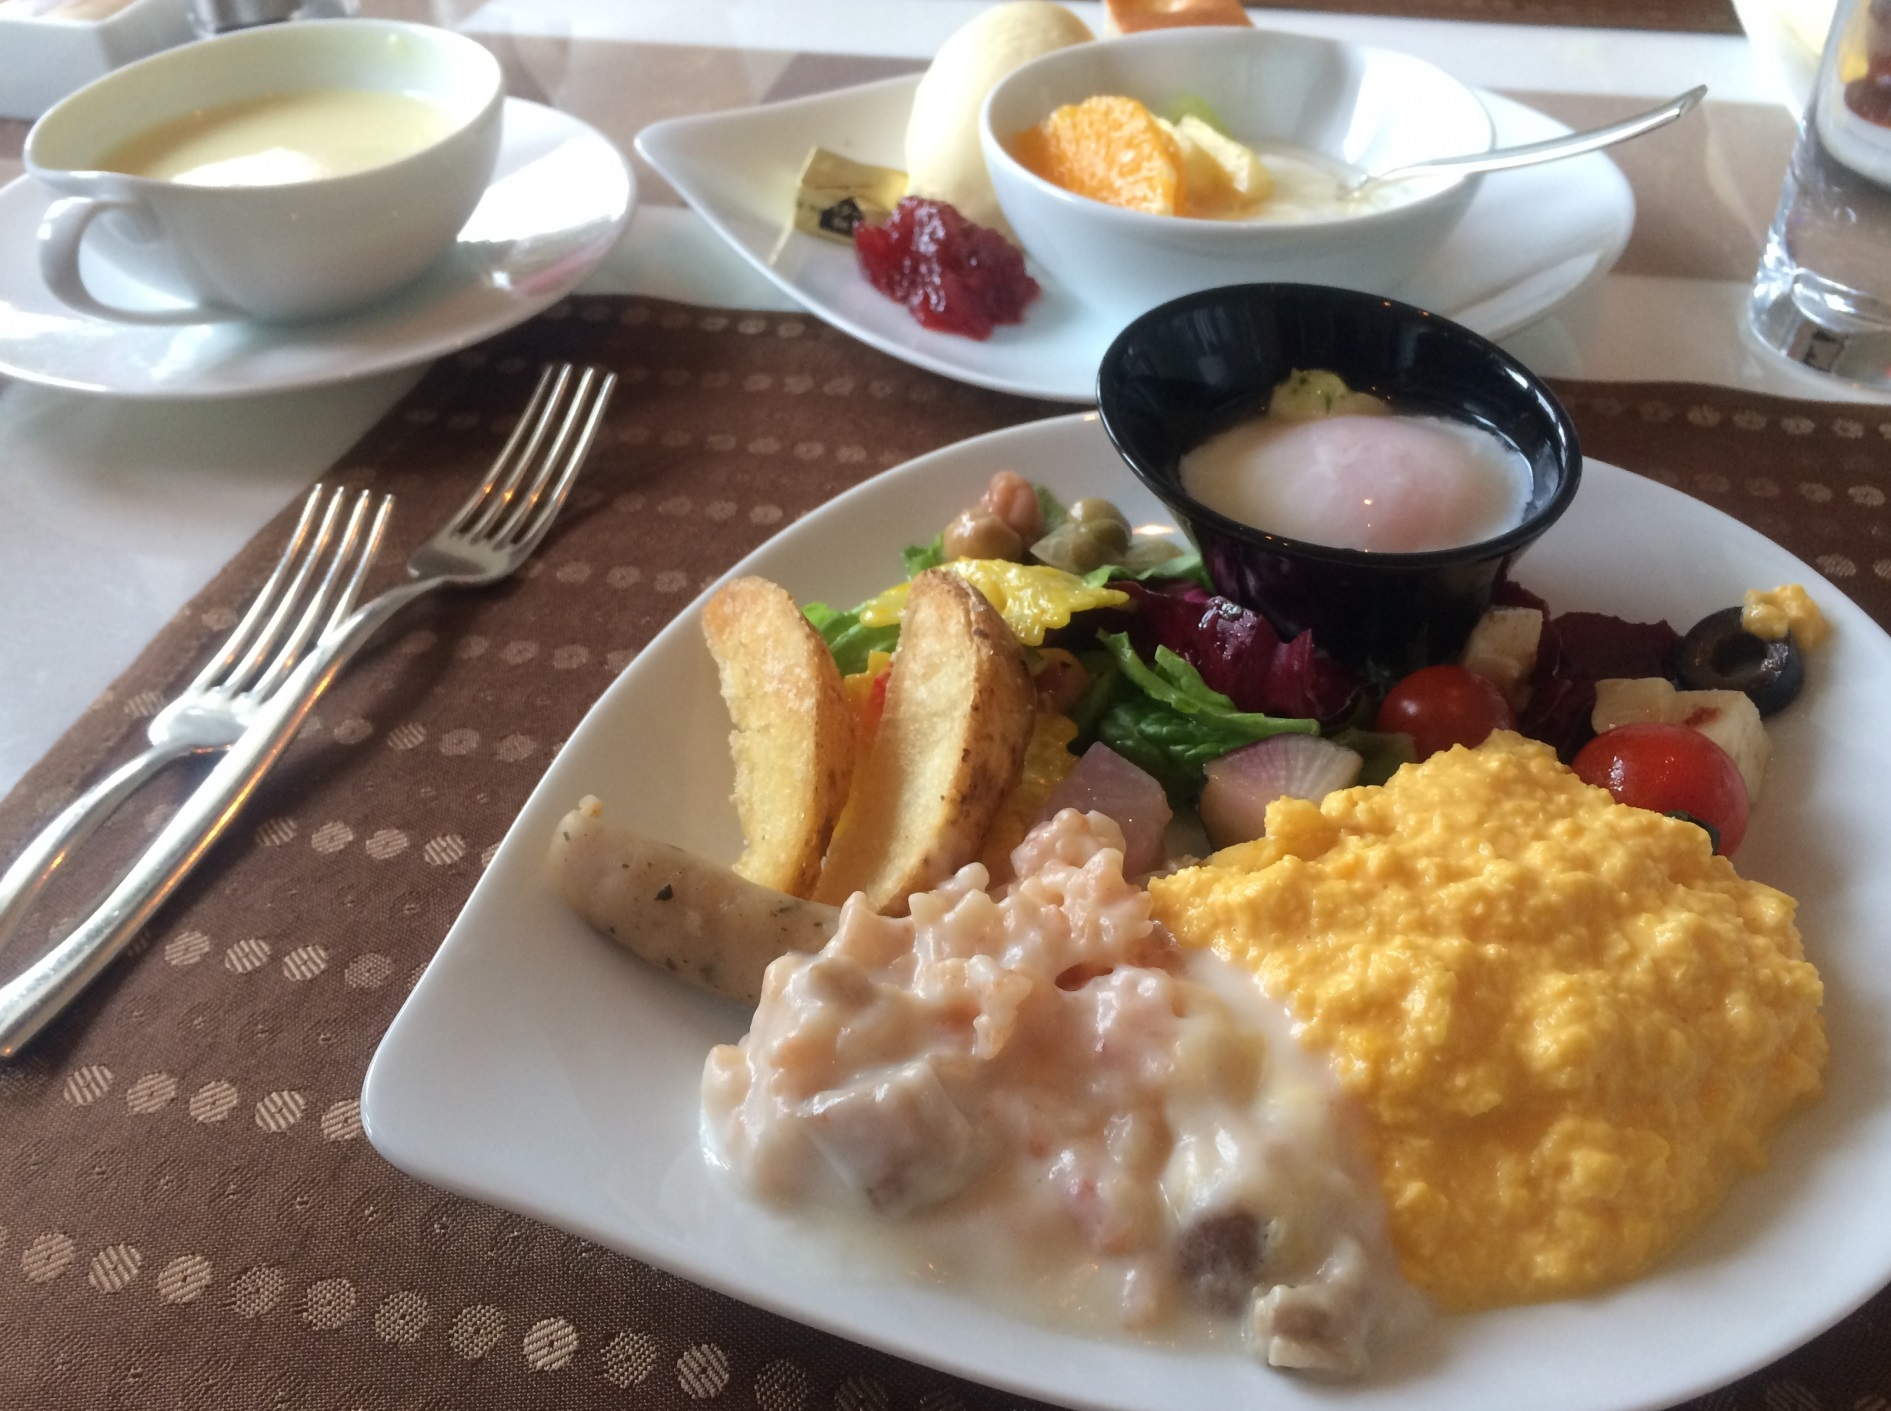 世界の朝食、ニュージーランドのビッグブレックファースト(Big Breakfast)【食べすぎ??】